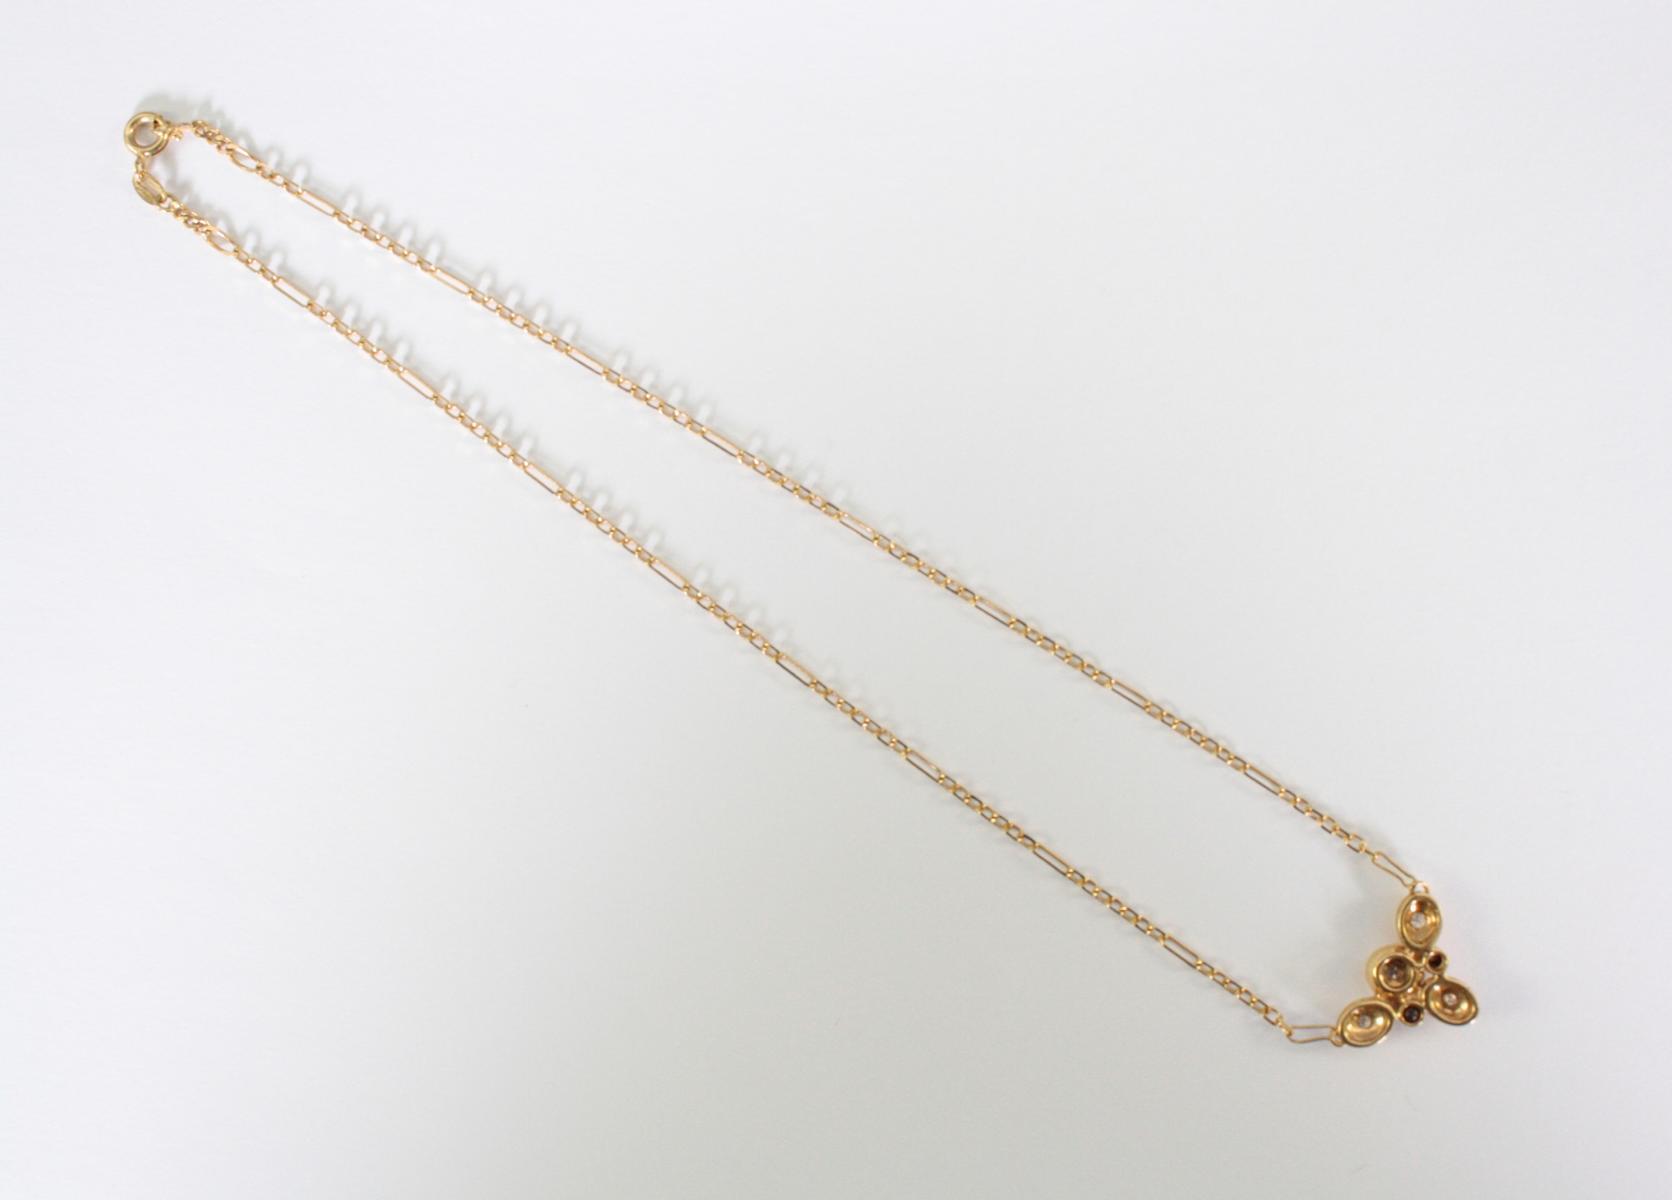 Collier mit Diamanten,  18 Karat Gelbgold-3